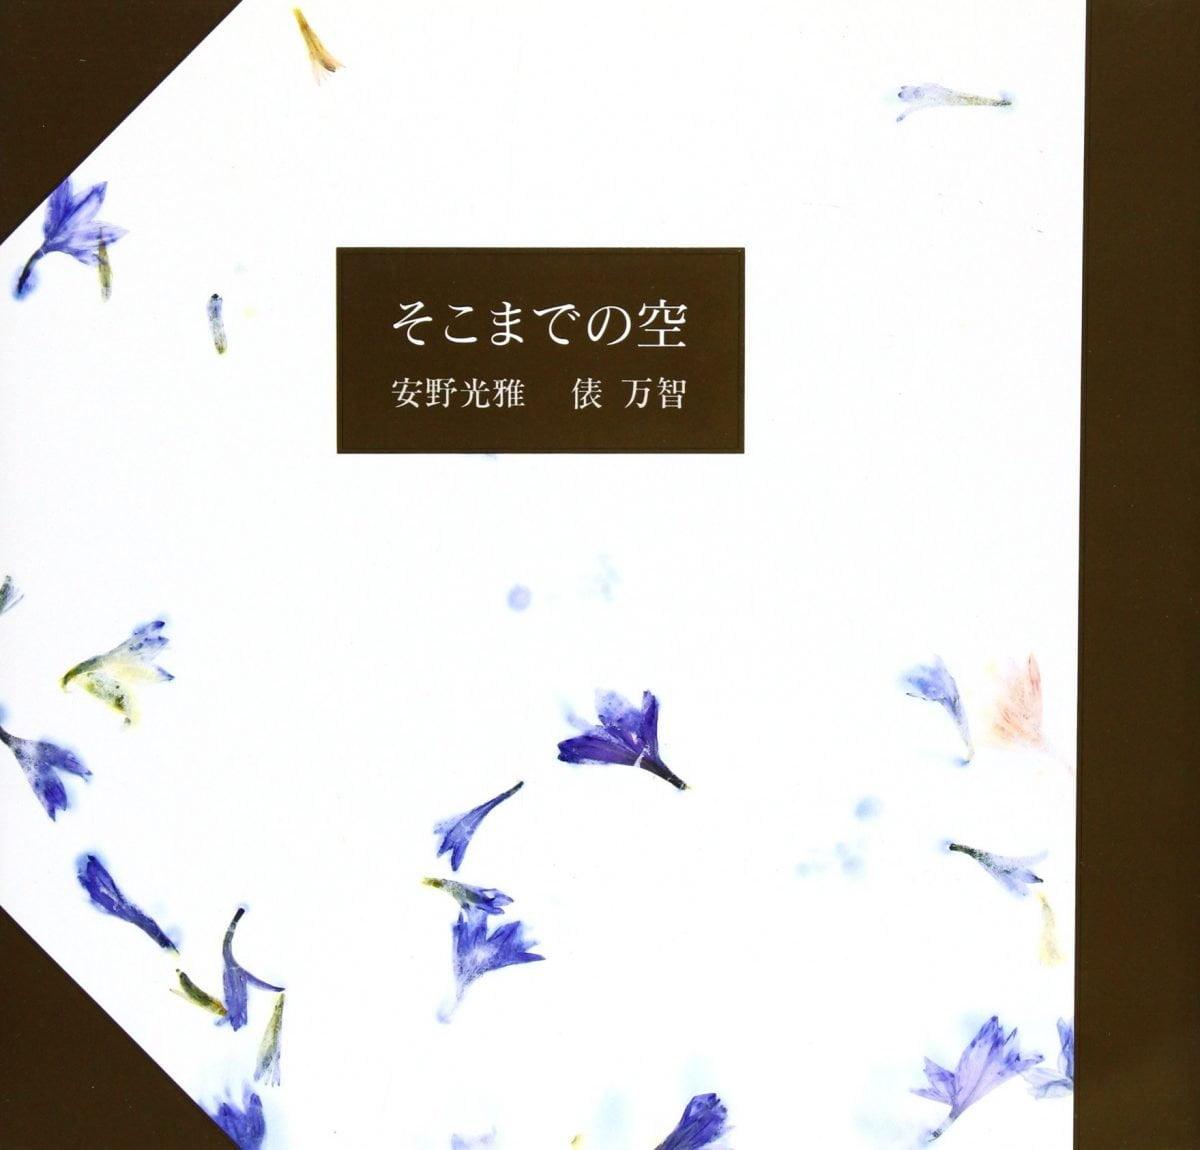 絵本「そこまでの空」の表紙